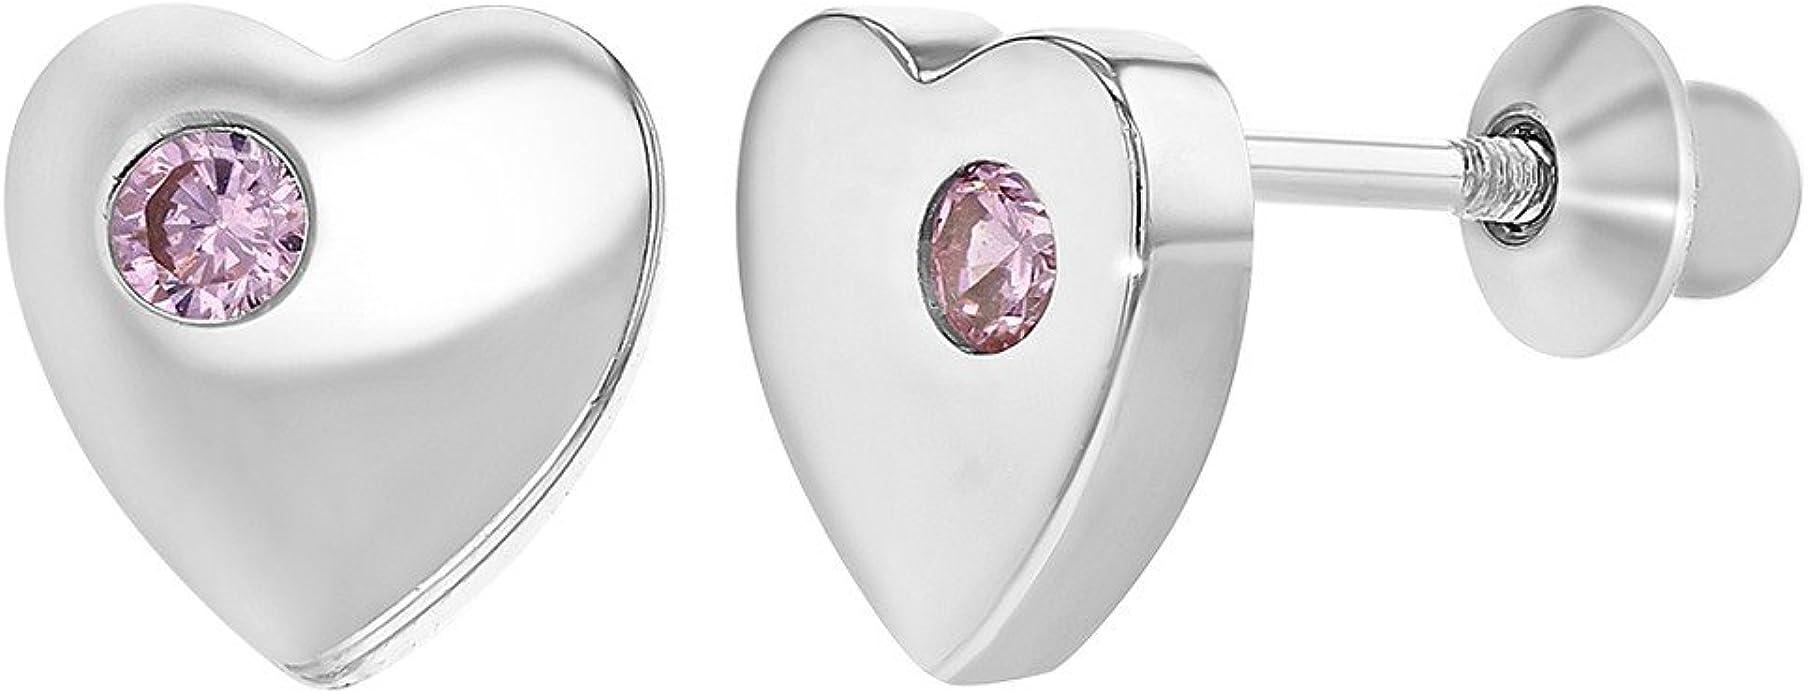 Tiges poussettes s/écurit/é /à vis In Season Jewelry Enfants Rose Chaud Zircone Cubique Argent 925//1000 Fleur Boucles d/'oreilles